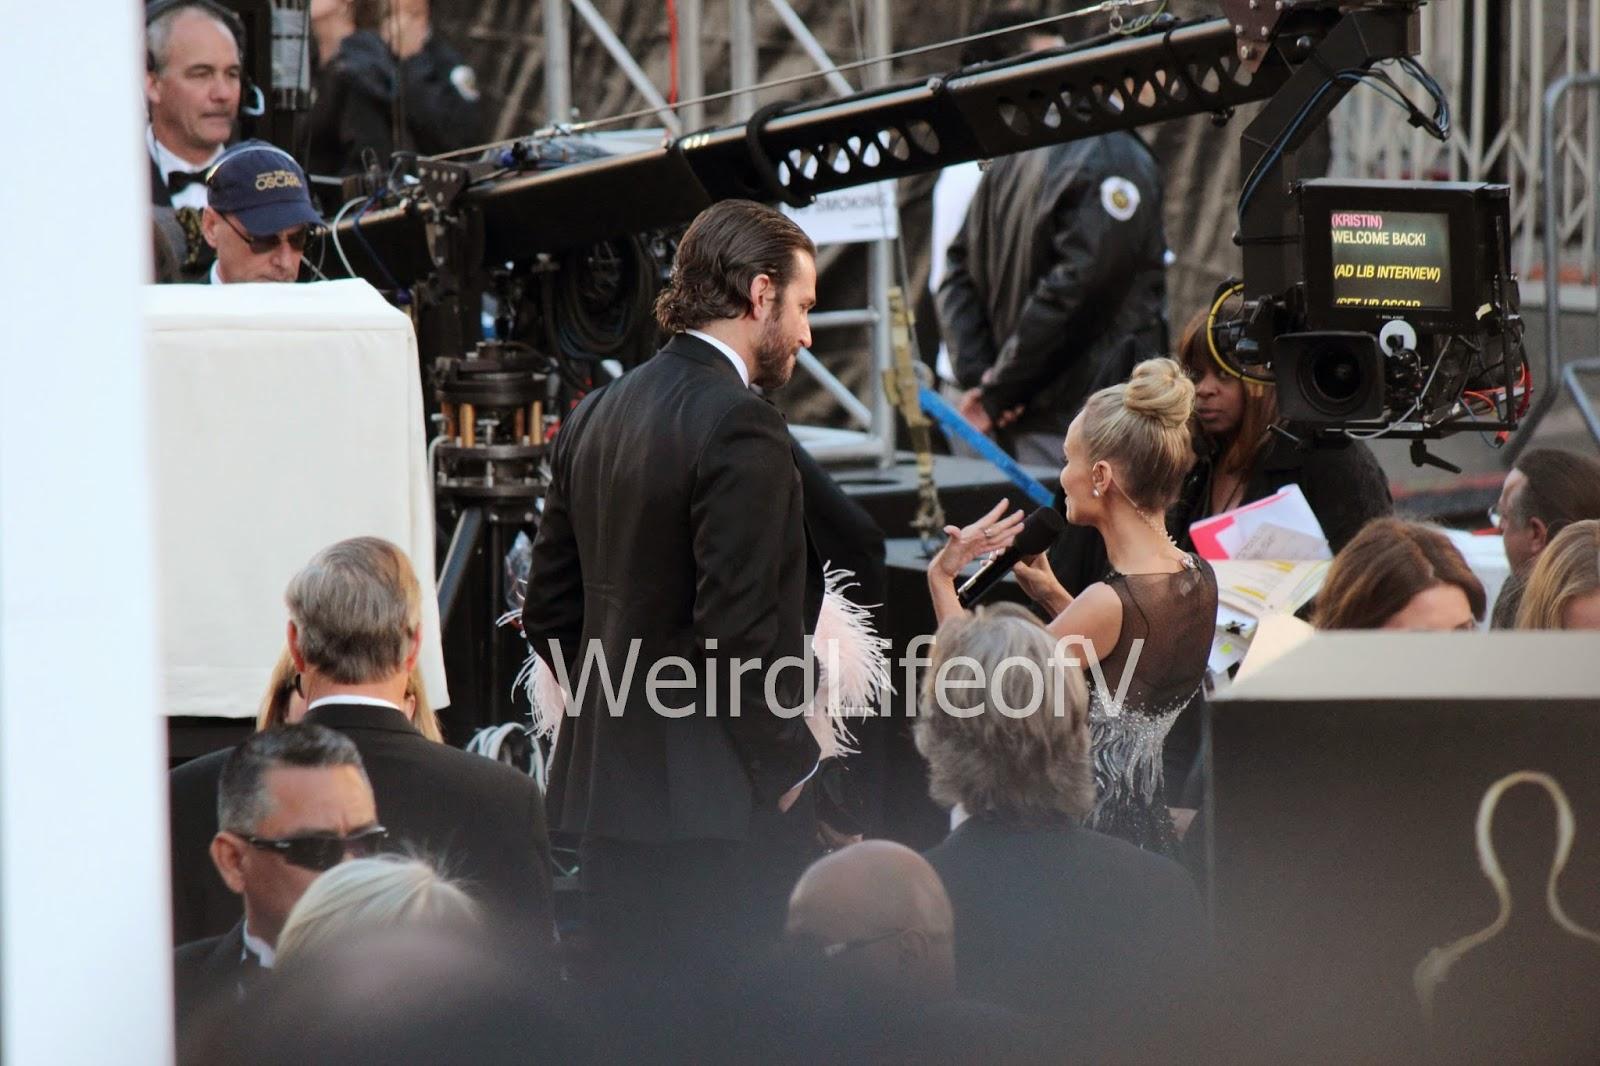 Bradley Cooper being interviewed by Kristin Chenoweth